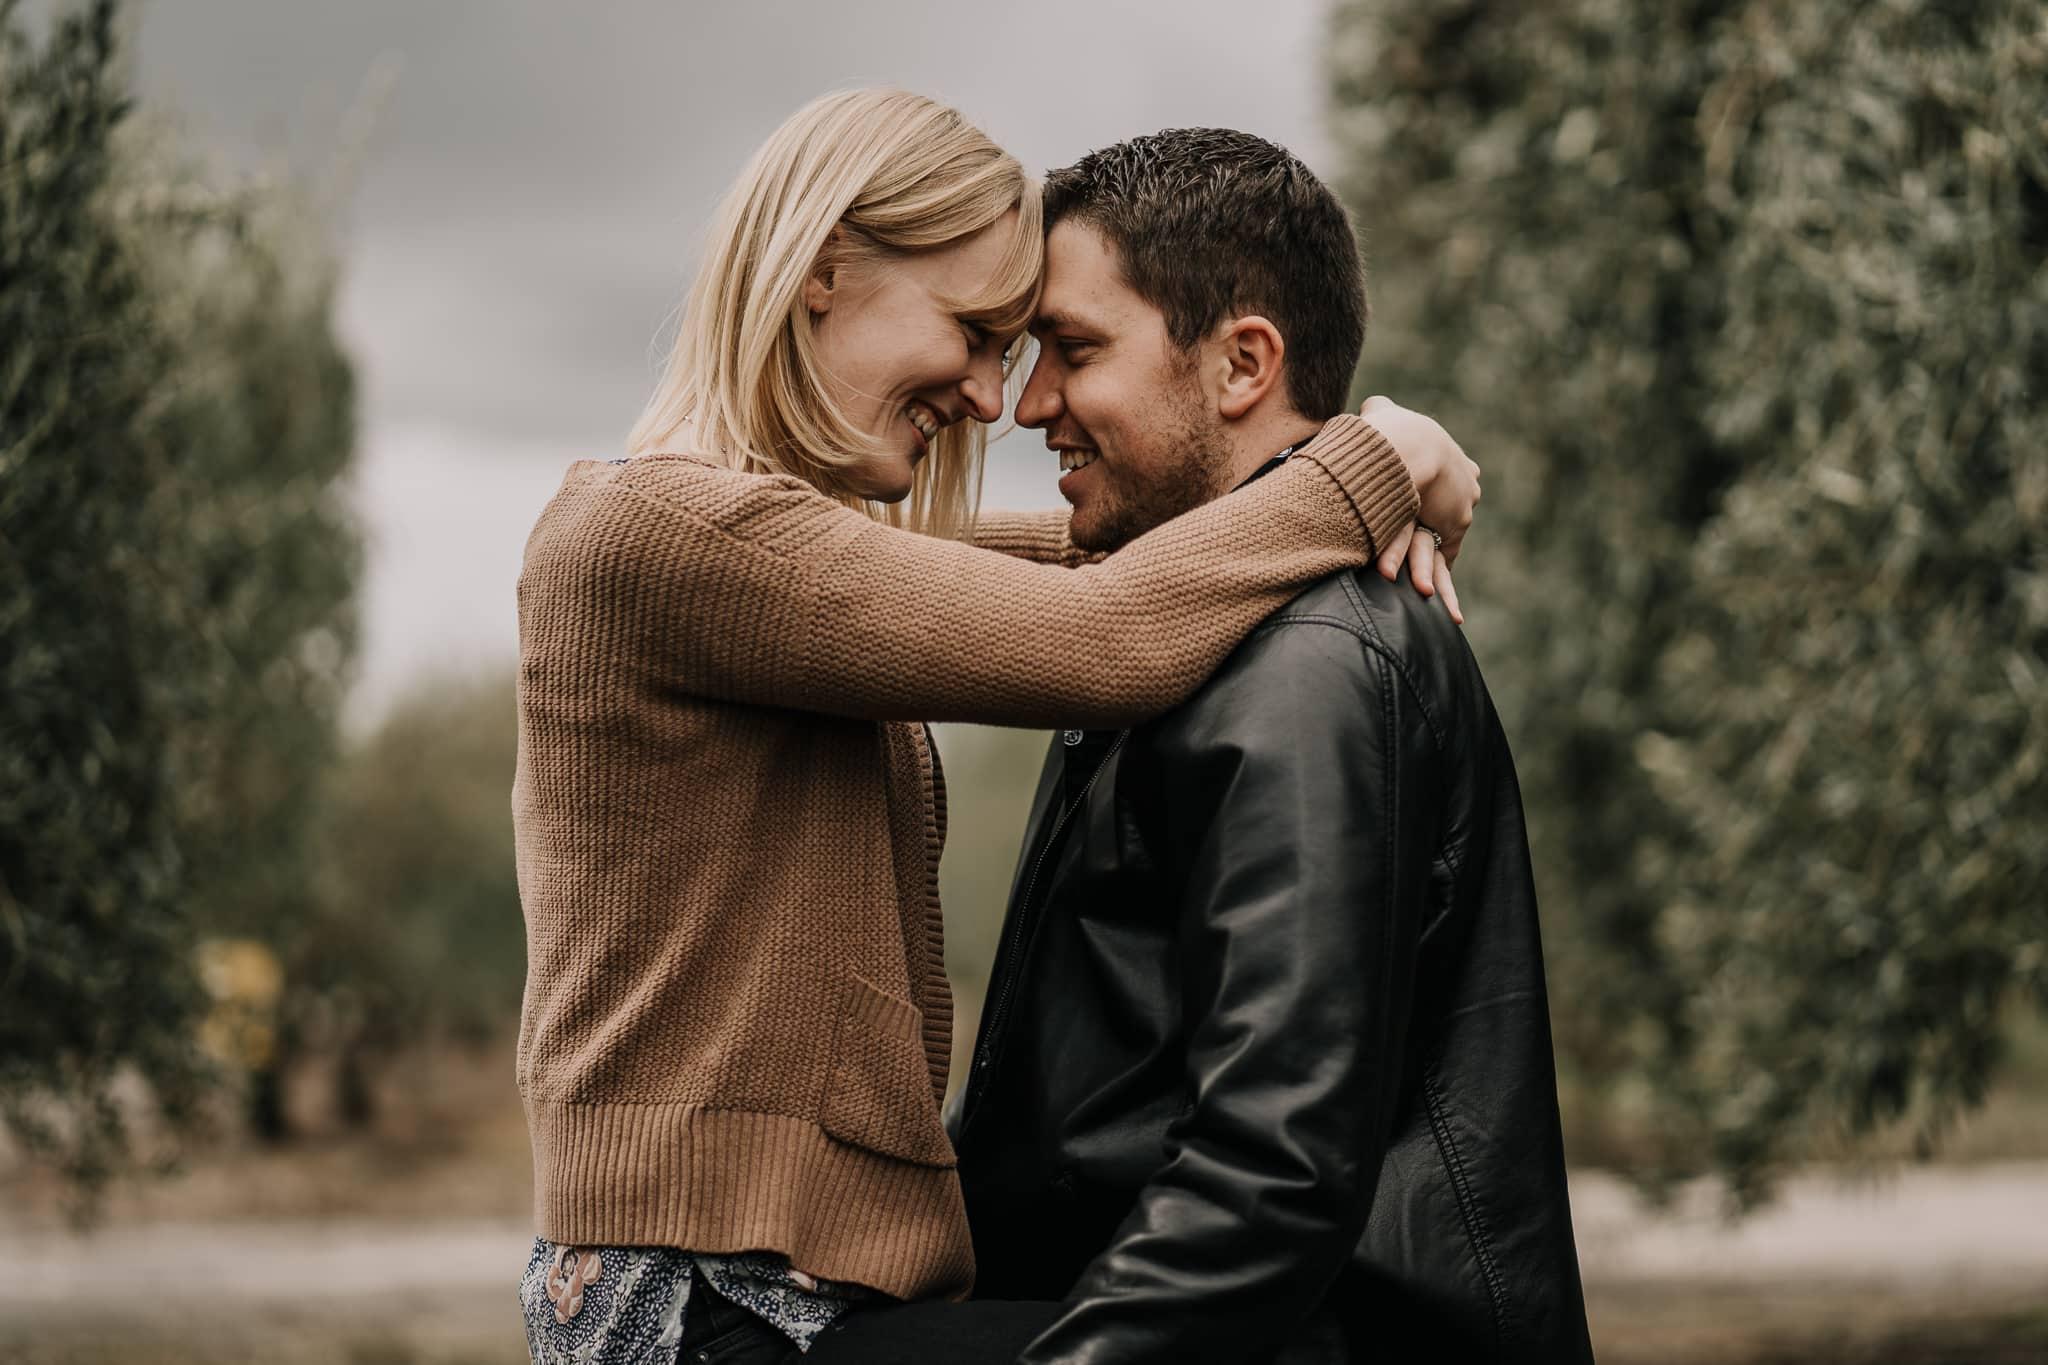 Chris + Danielle